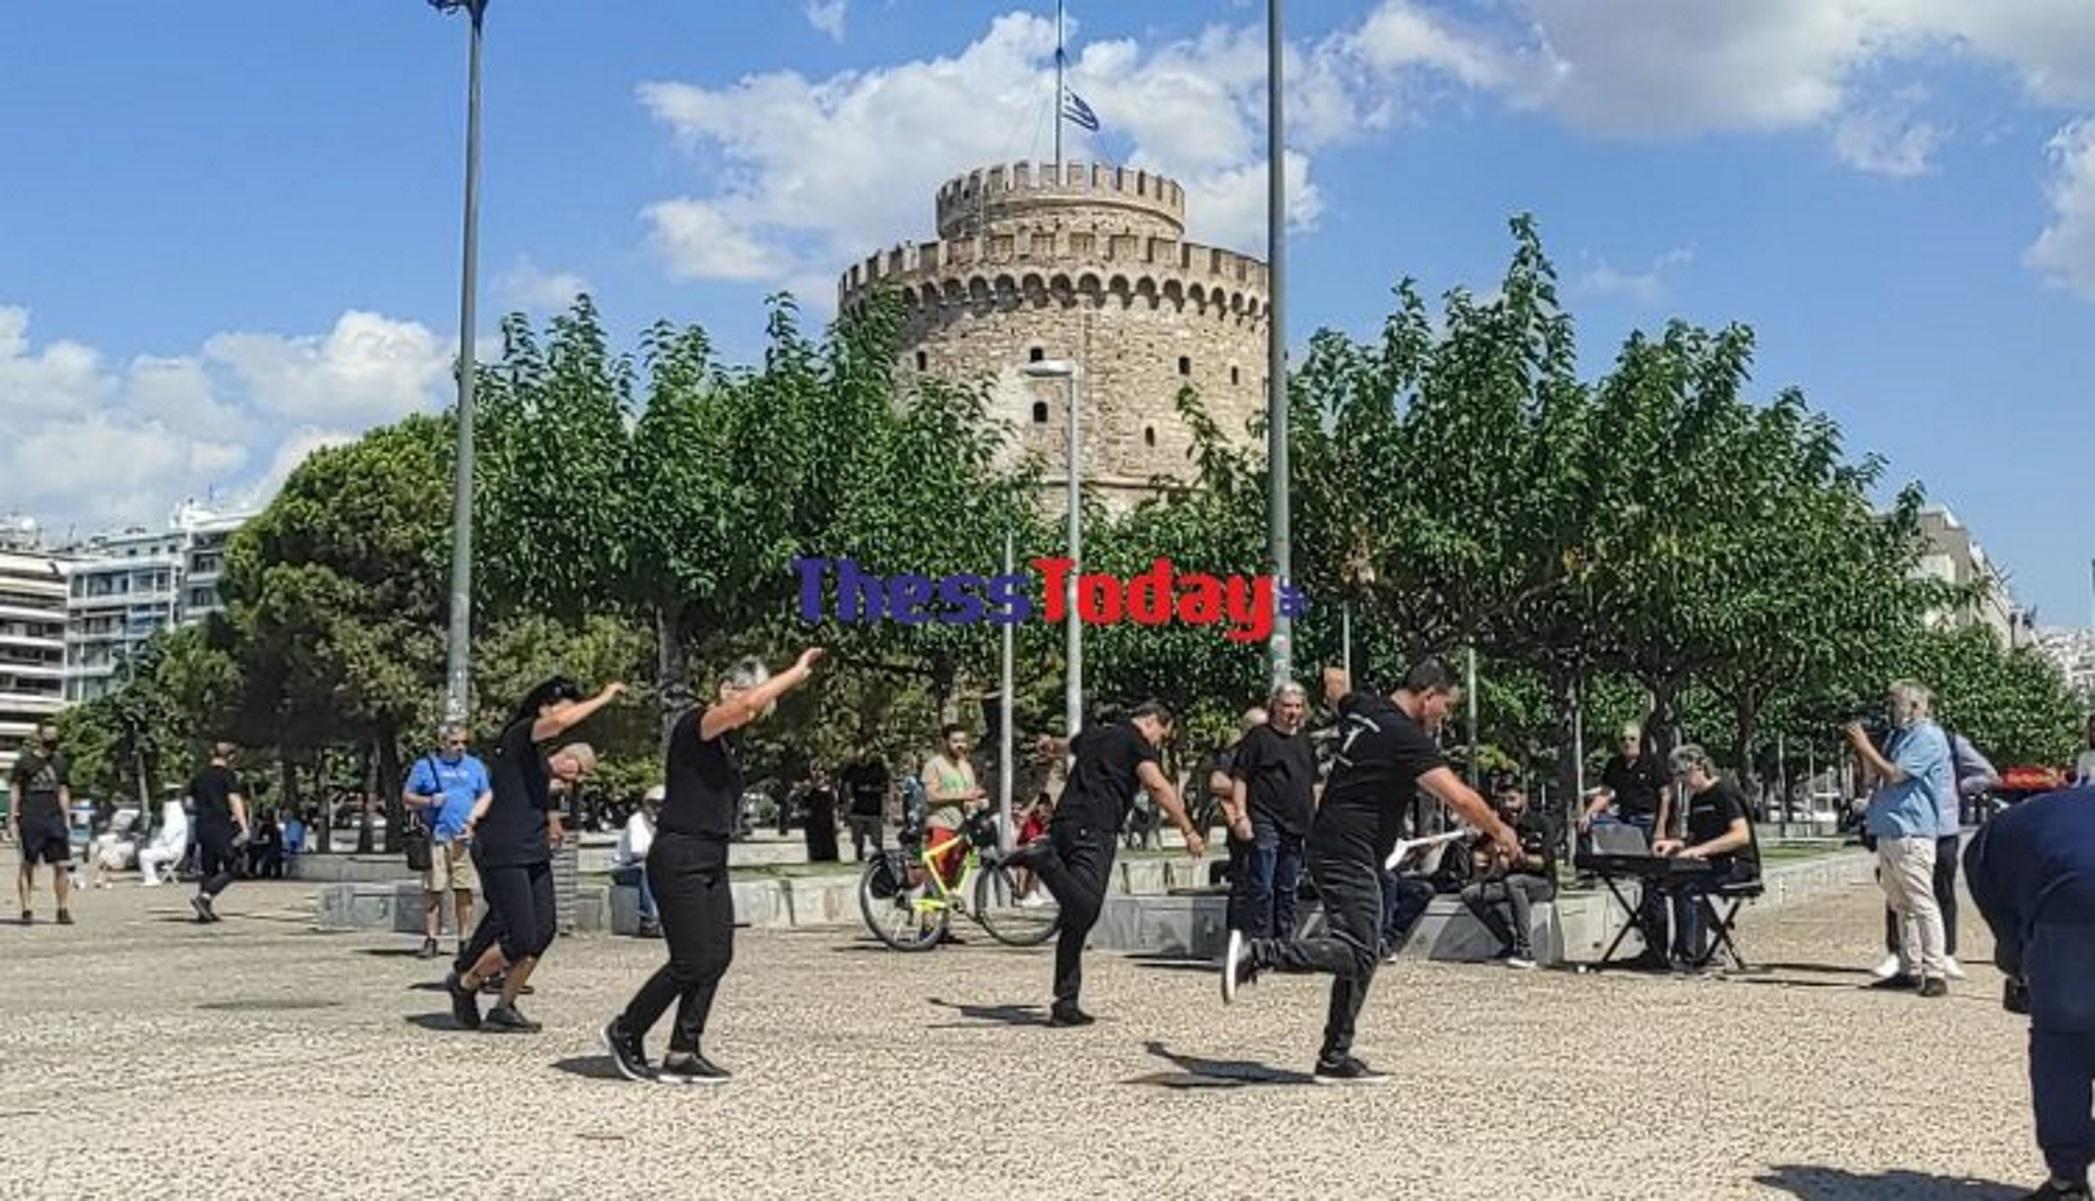 Μίκης Θεοδωράκης – Θεσσαλονίκη: Χορεύουν ζεϊμπέκικο στον Λευκό Πύργο για τον Μίκη